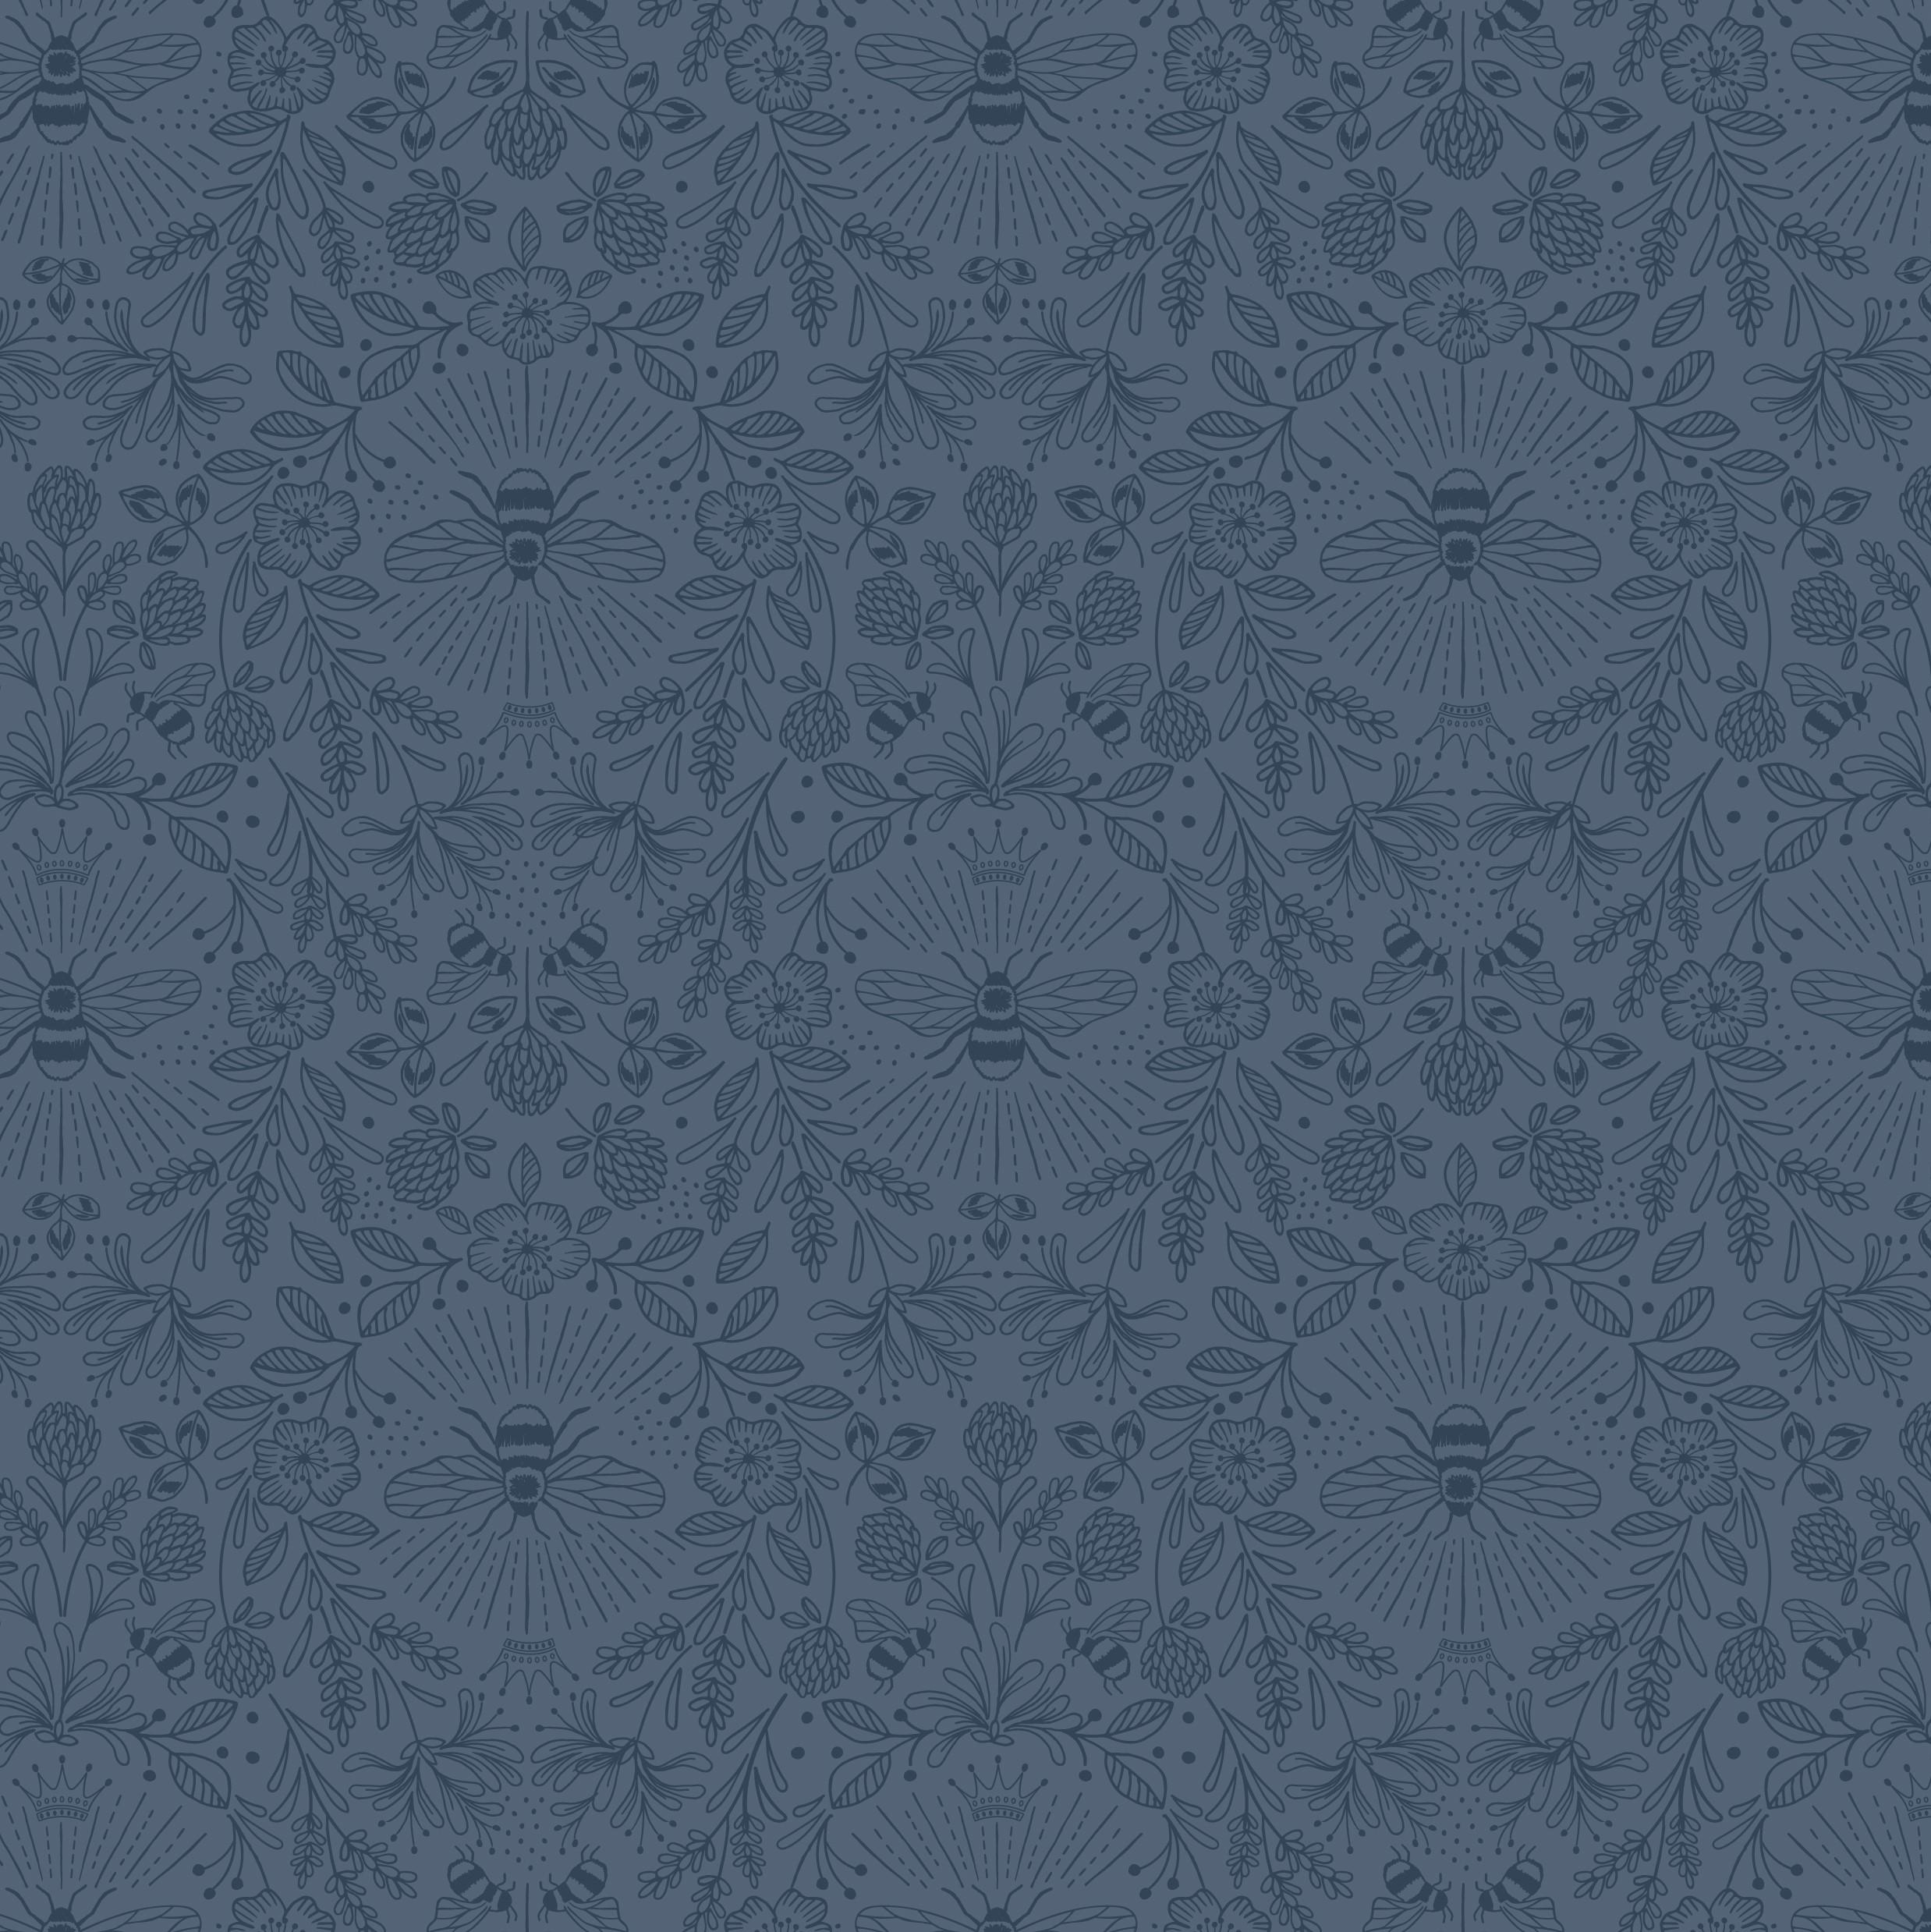 Queen Bee Mono Navy Craft Fabric